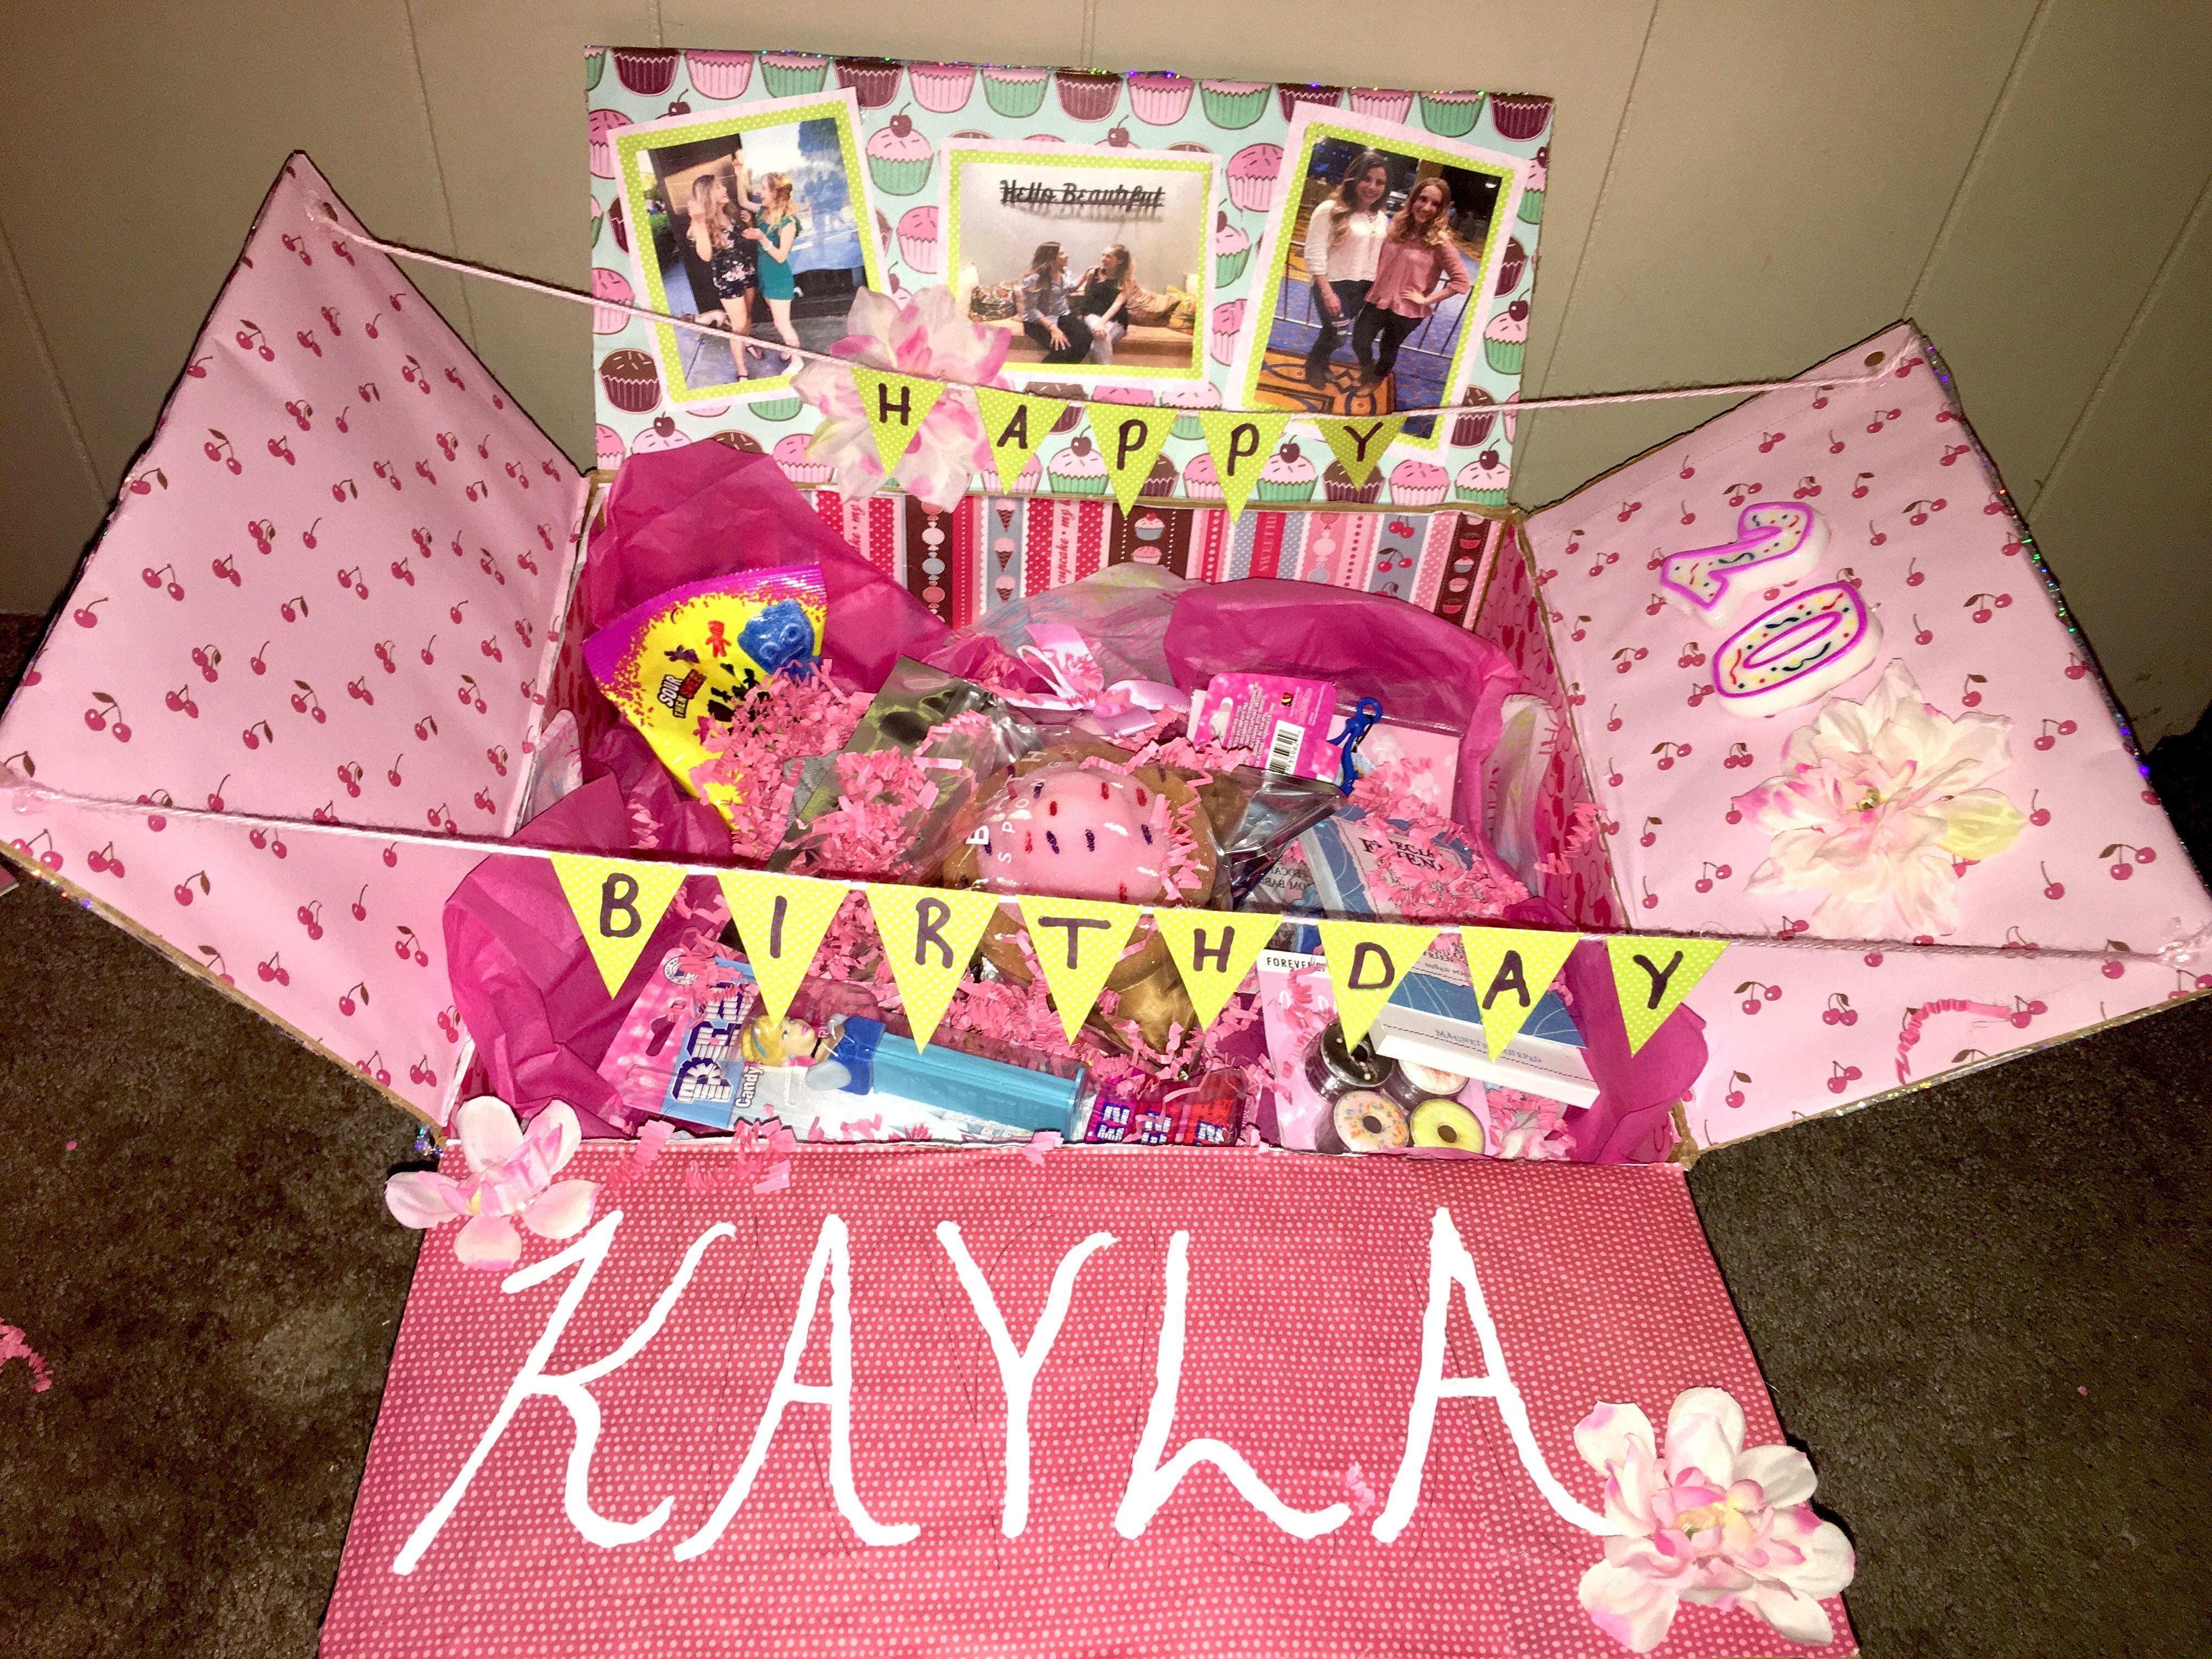 Best friend birthday care package pop up box geschenke